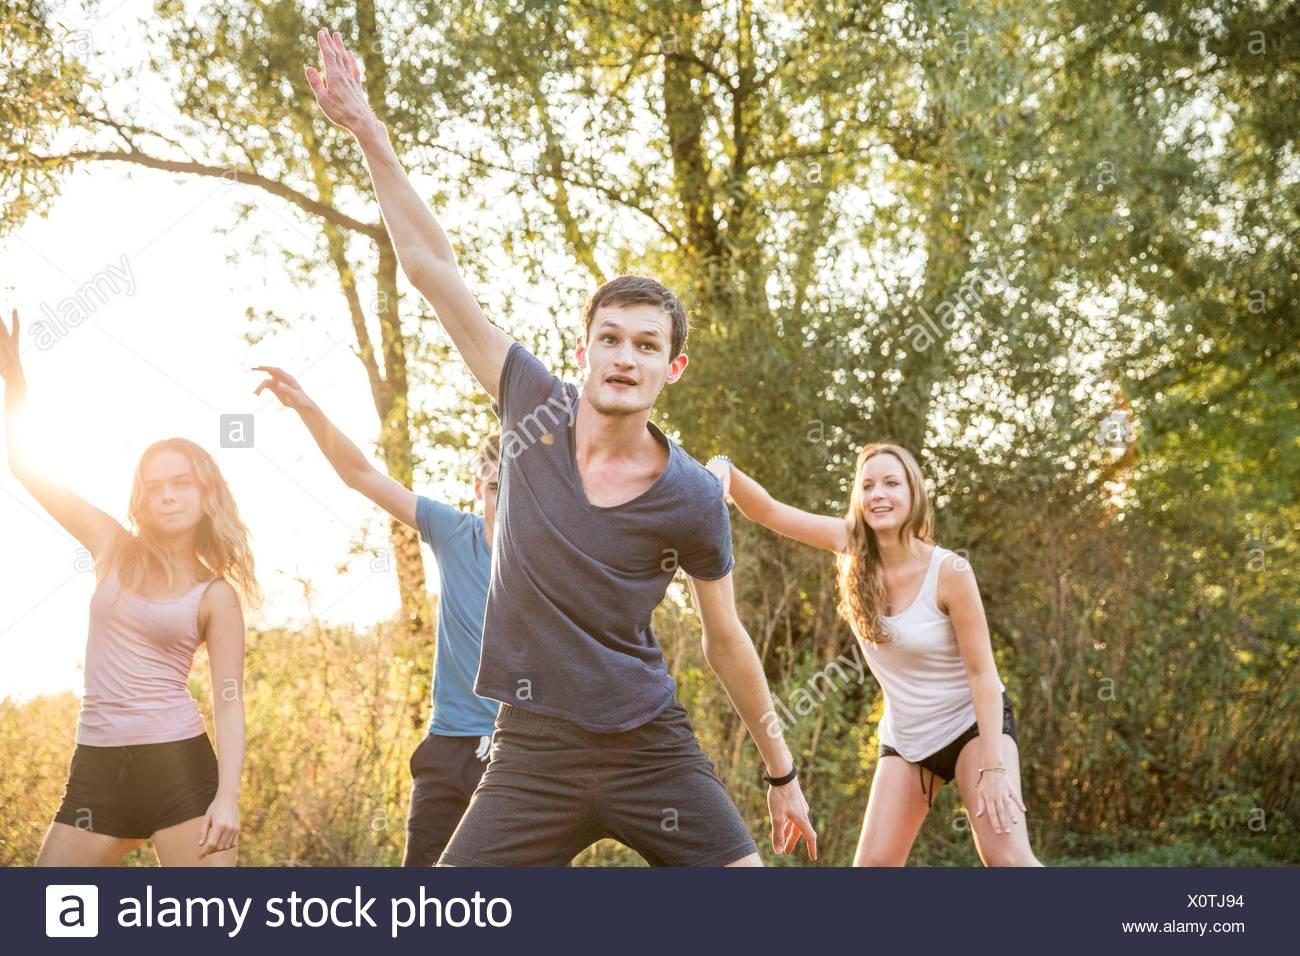 Groupe d'amis exerçant en milieu rural Photo Stock